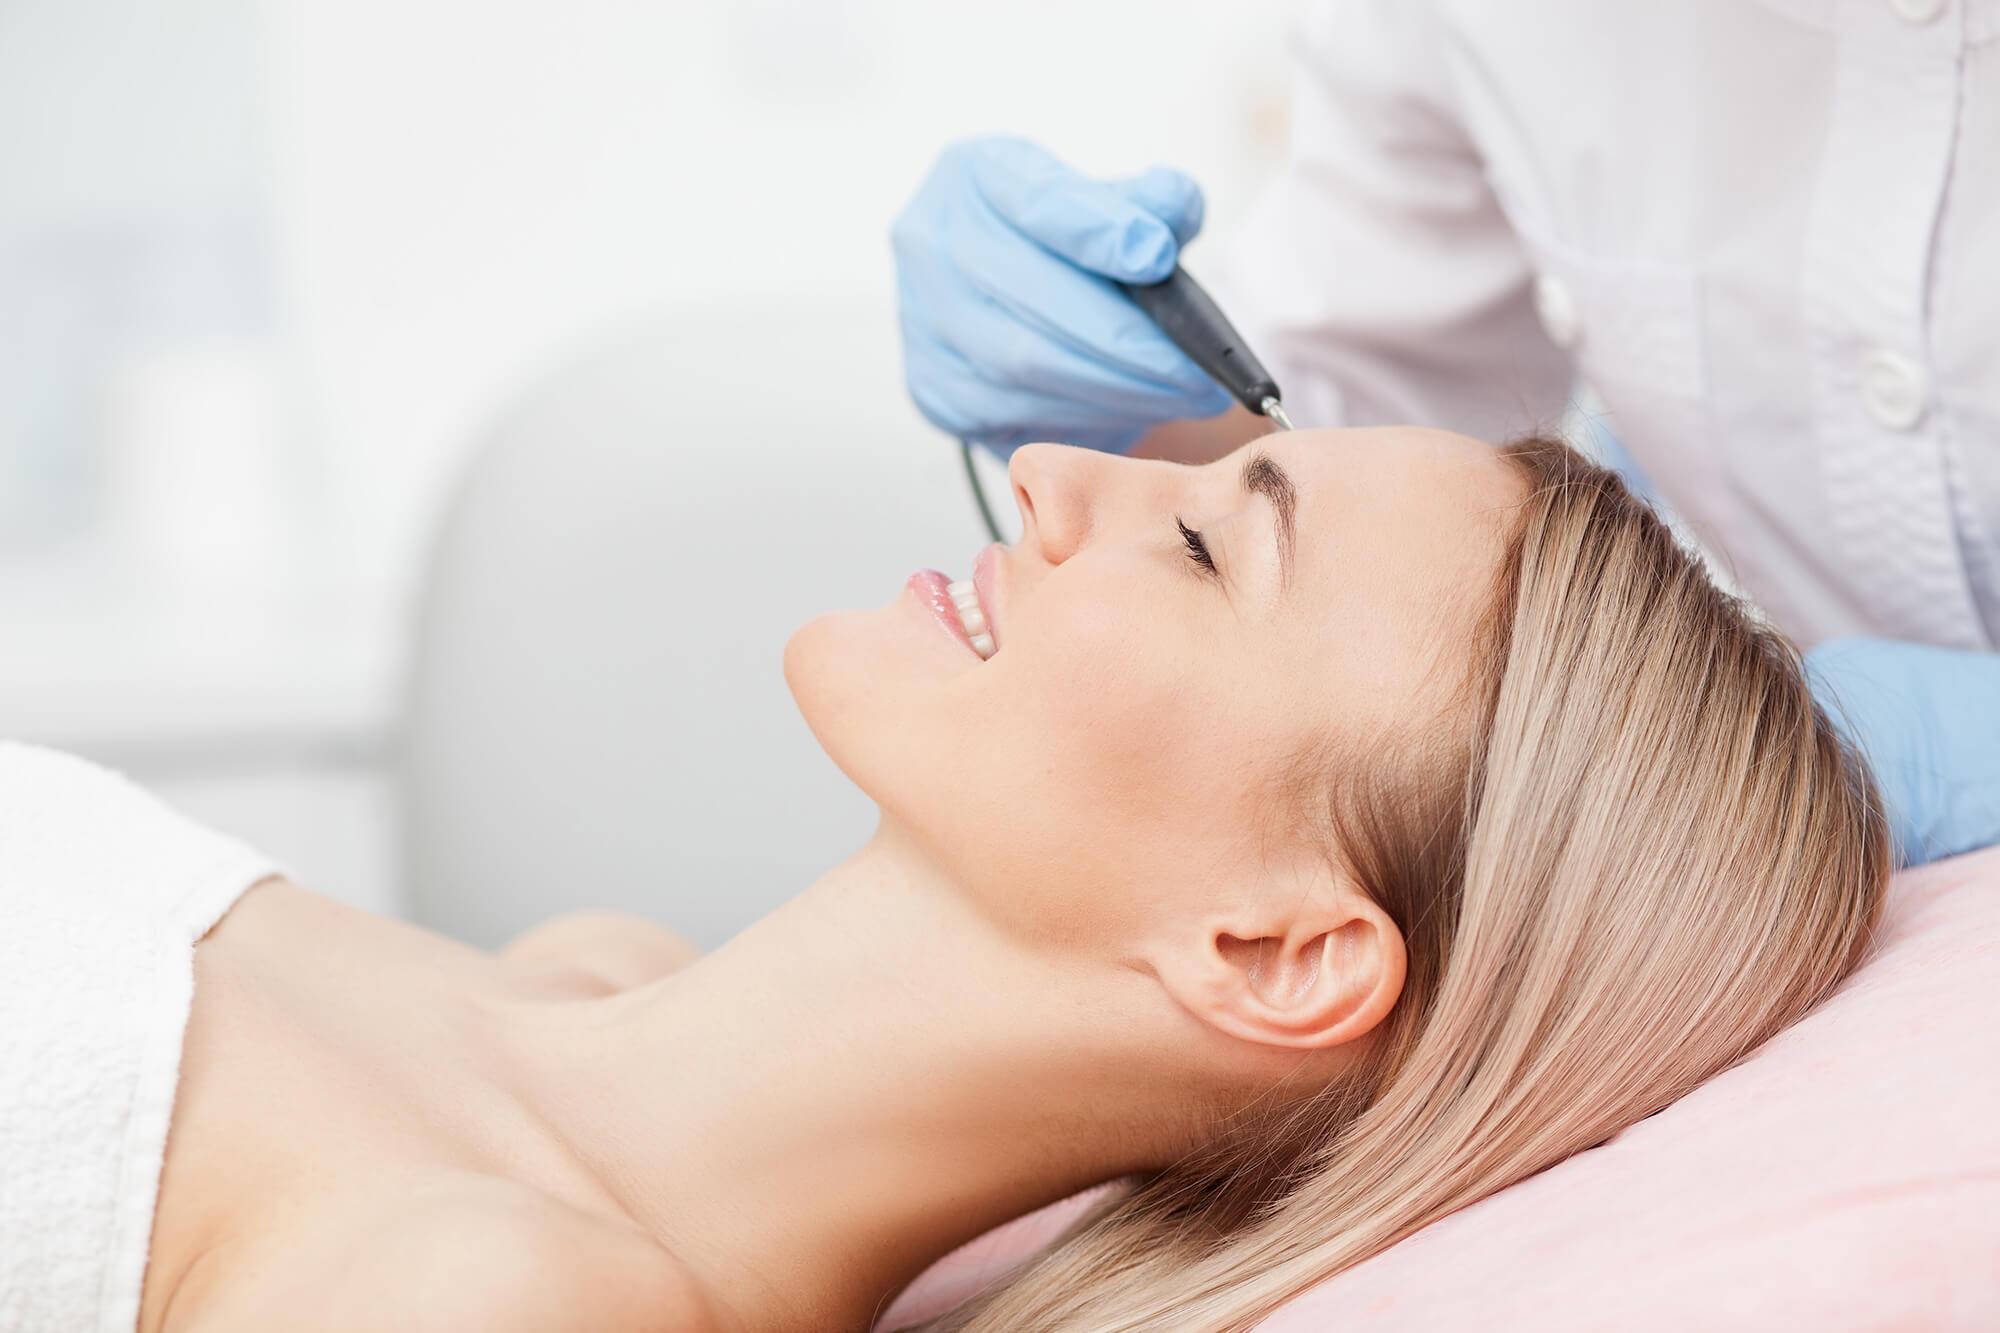 En Què Consisteix La Cirurgia Estètica Facial?